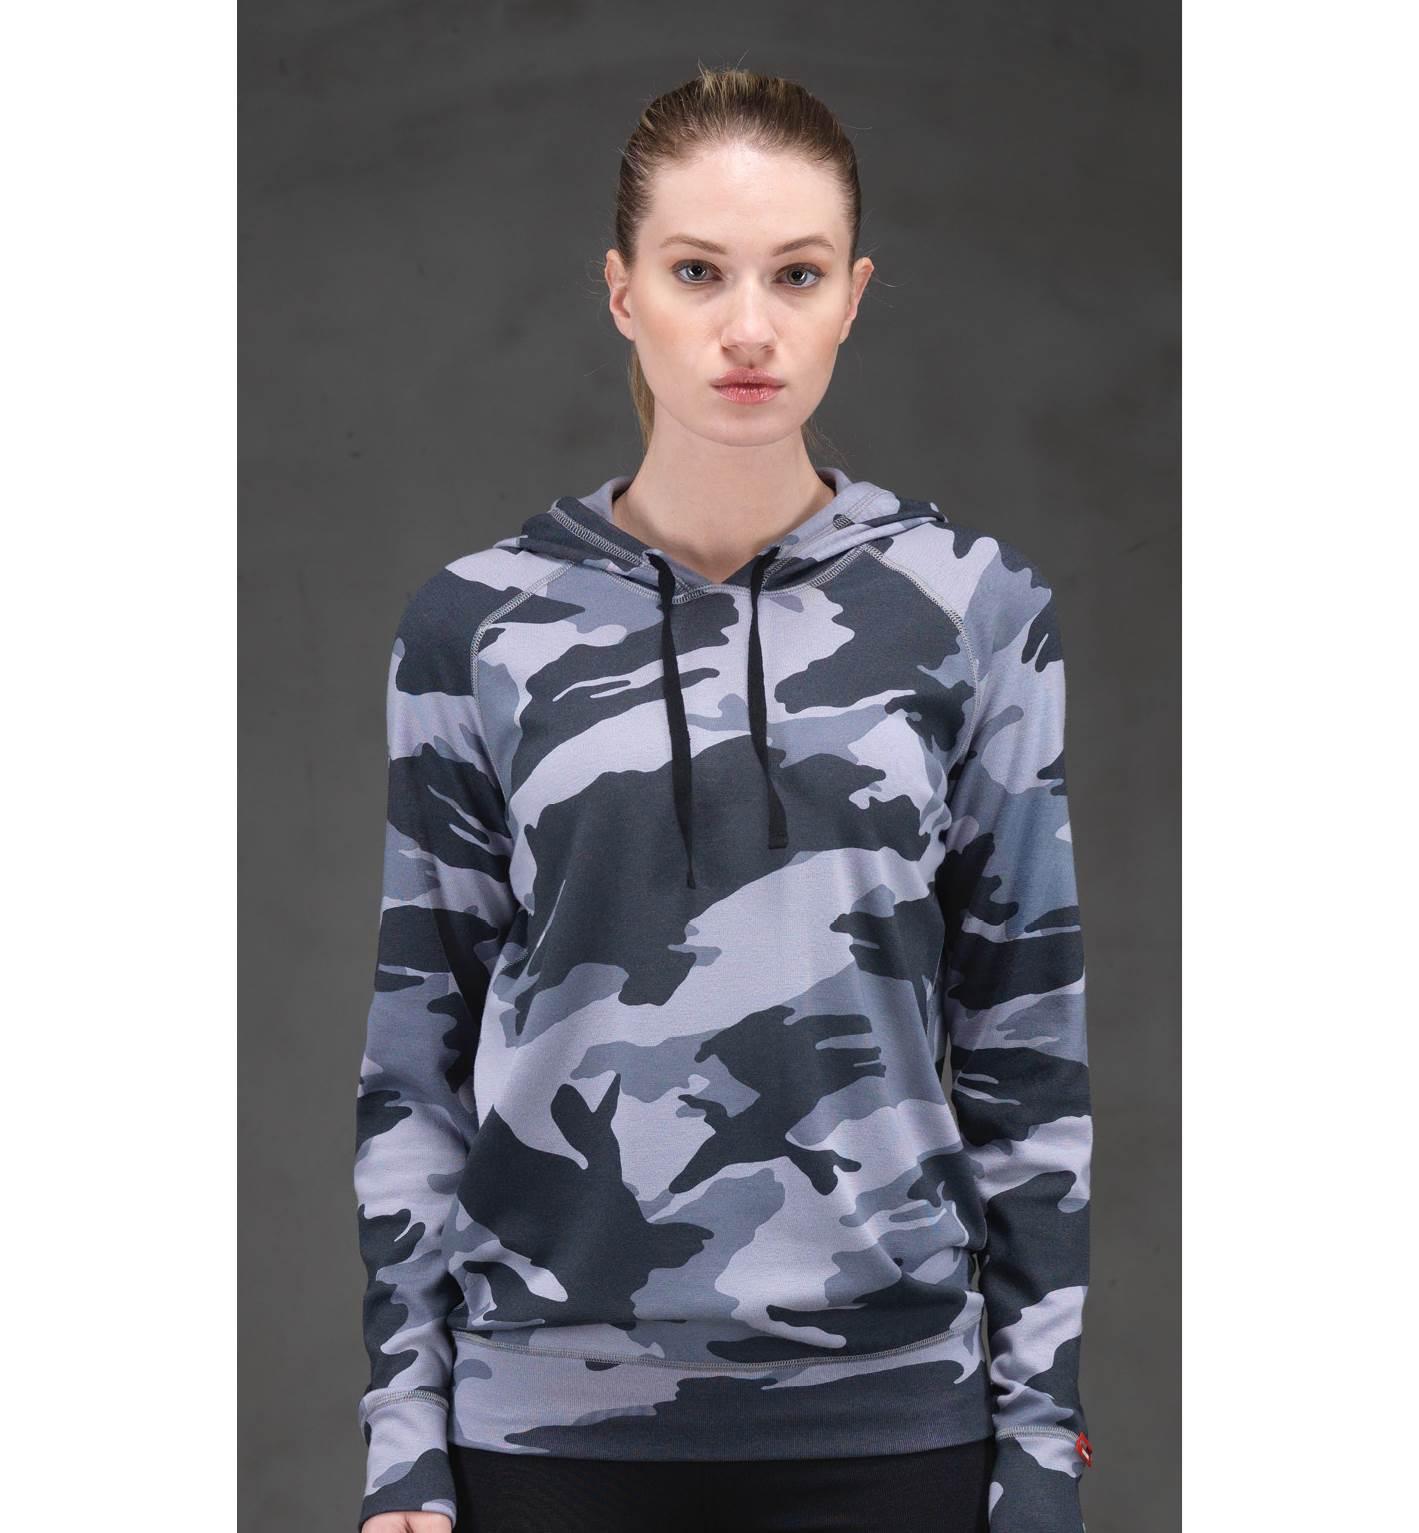 Kadın Termal Kapşonlu Sweatshirt 2. Seviye 6194 - Antrasit